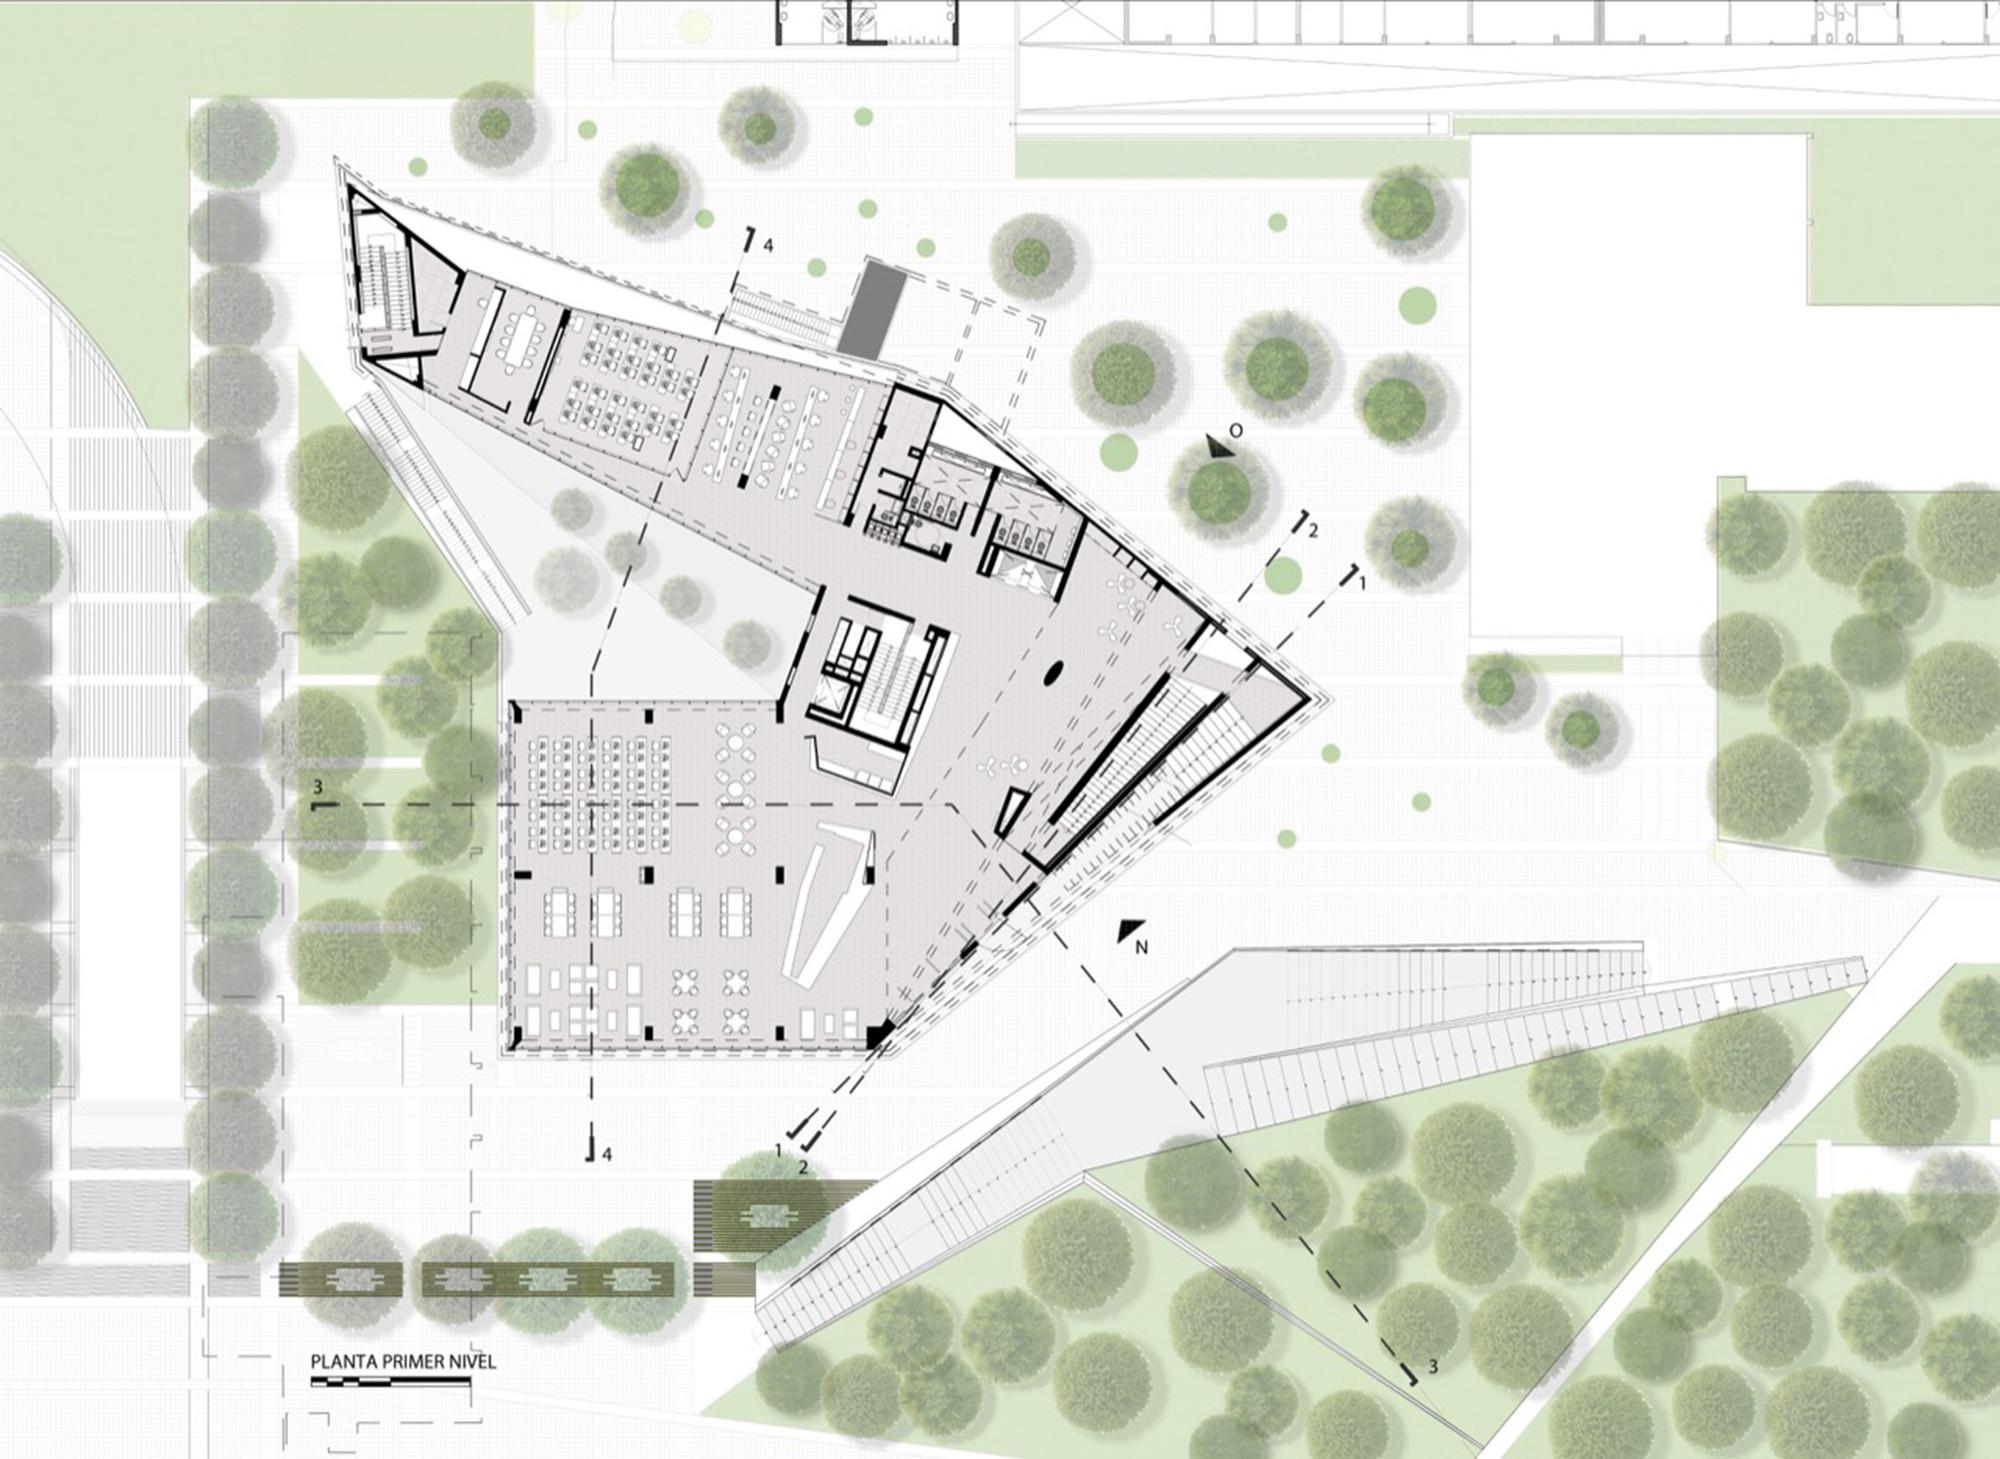 Galeria de biblioteca de ci ncias engenharia e for Planta arquitectonica biblioteca